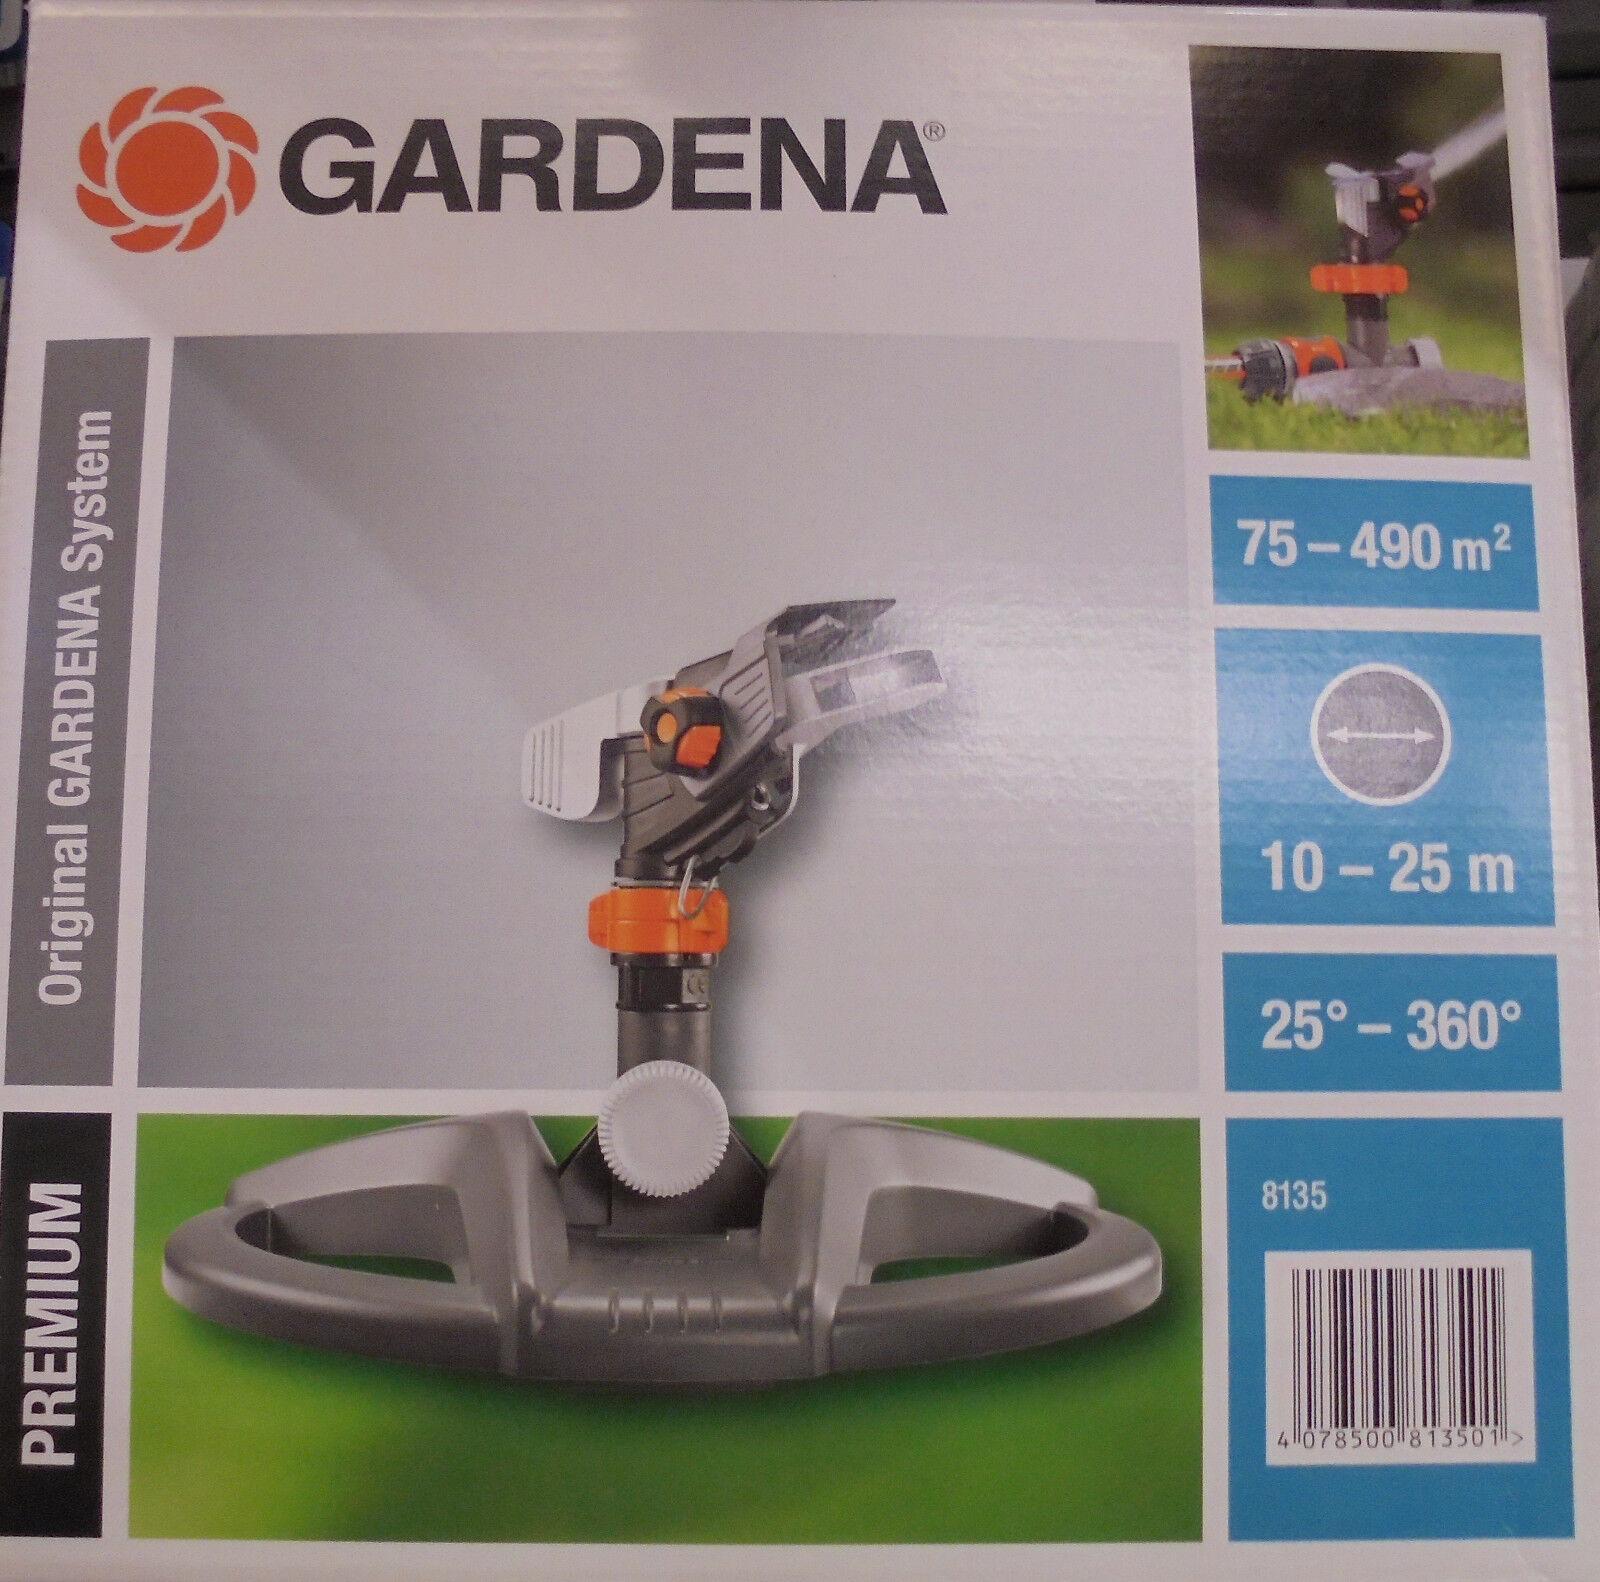 Gardena Regner impuls-,Kreis- und Sektorenregner   08135-20   9209435 | Lass unsere Waren in die Welt gehen  | Niedrige Kosten  | Kostengünstig